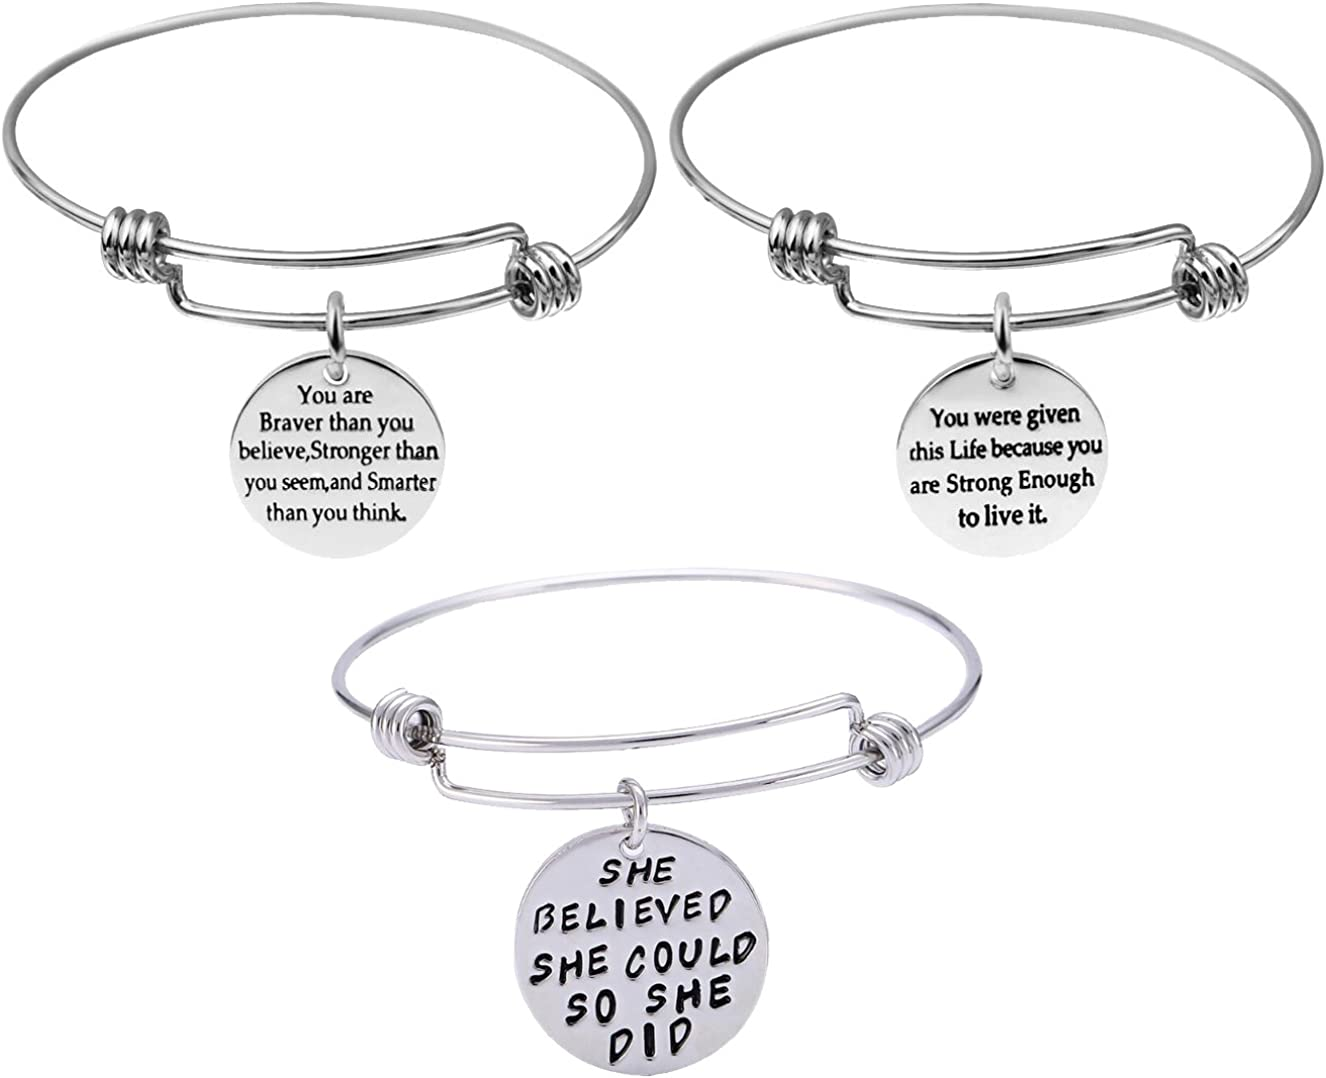 3-Pack Inspirational Bangles Bracelets Gifts Set for Women Girls Stainless Steel Motivational Engraved Message Words Bracelets Adjustable